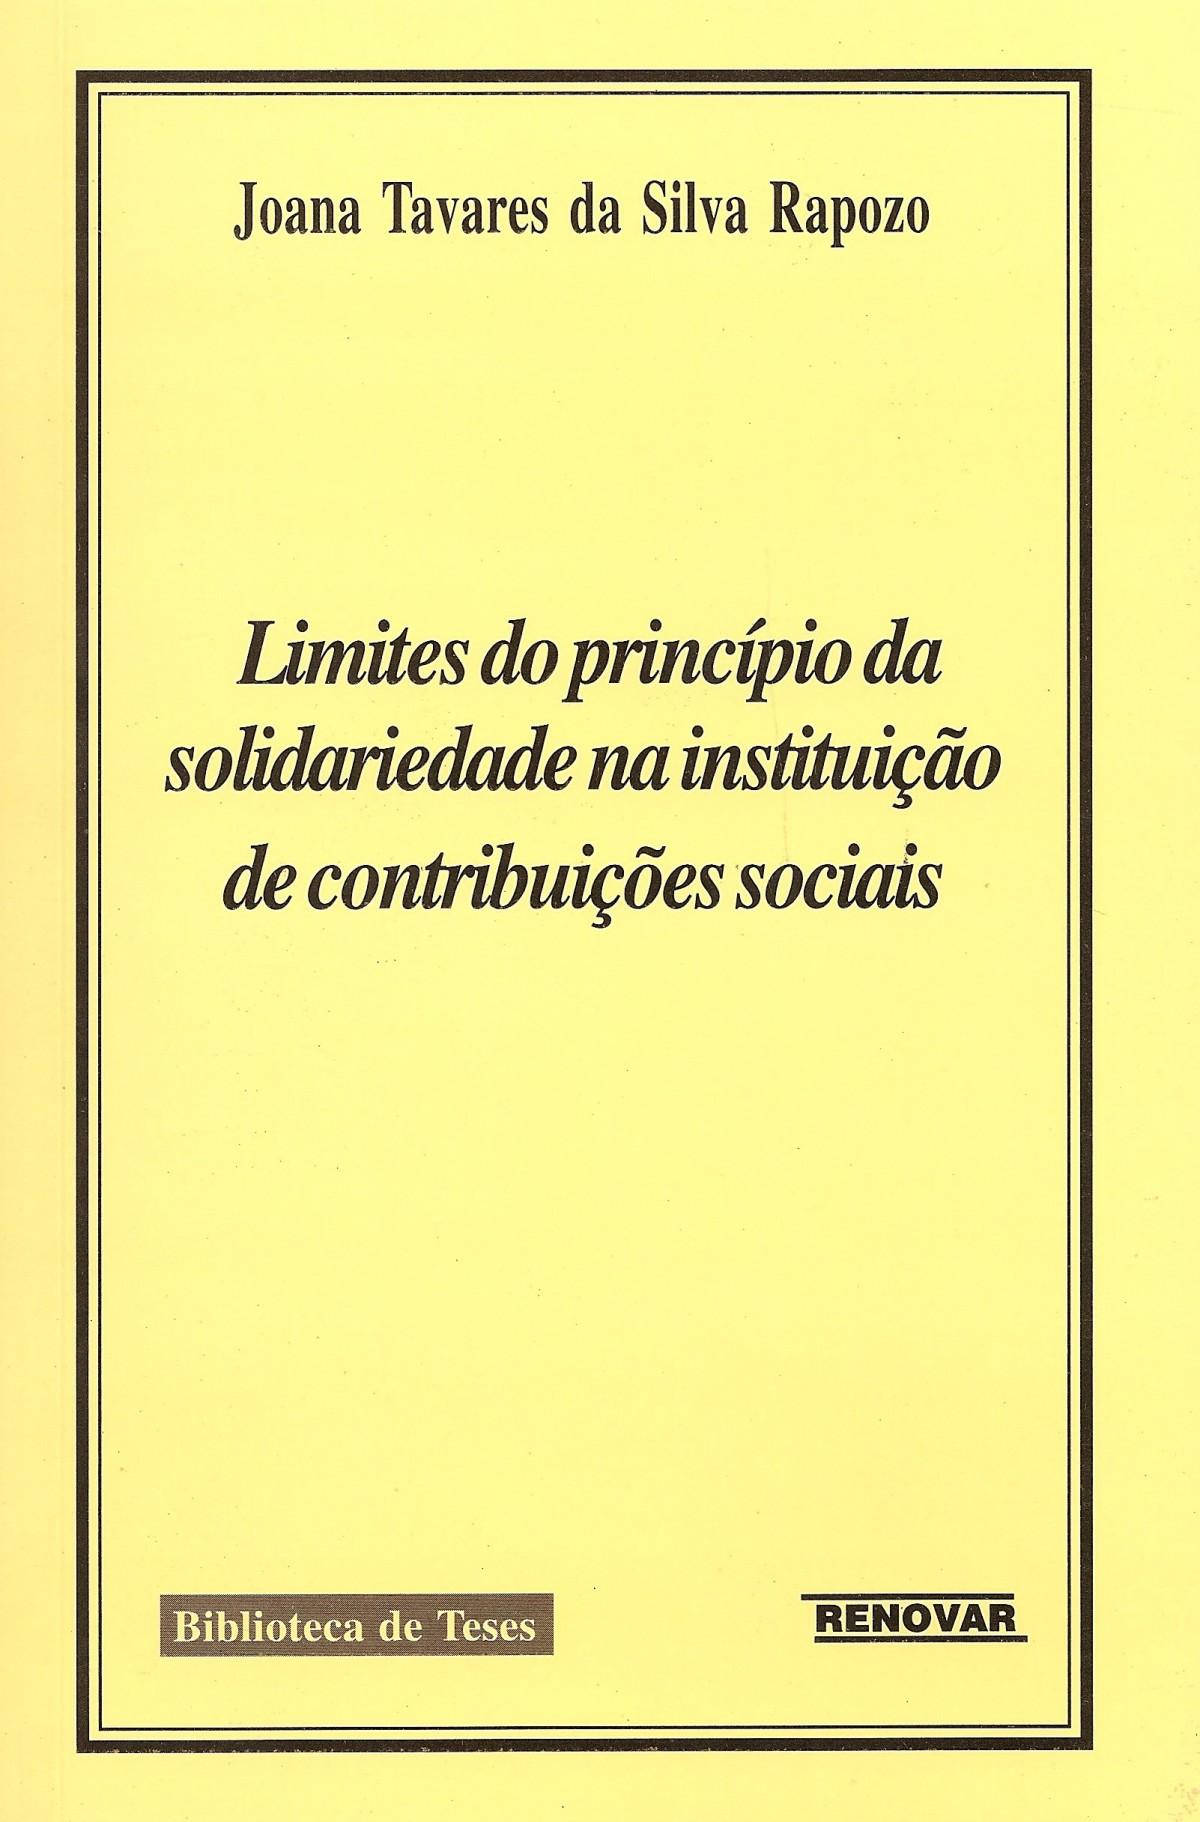 Foto 1 - Limites do Princípio da Solidariedade na Instituição de Contribuições Sociais